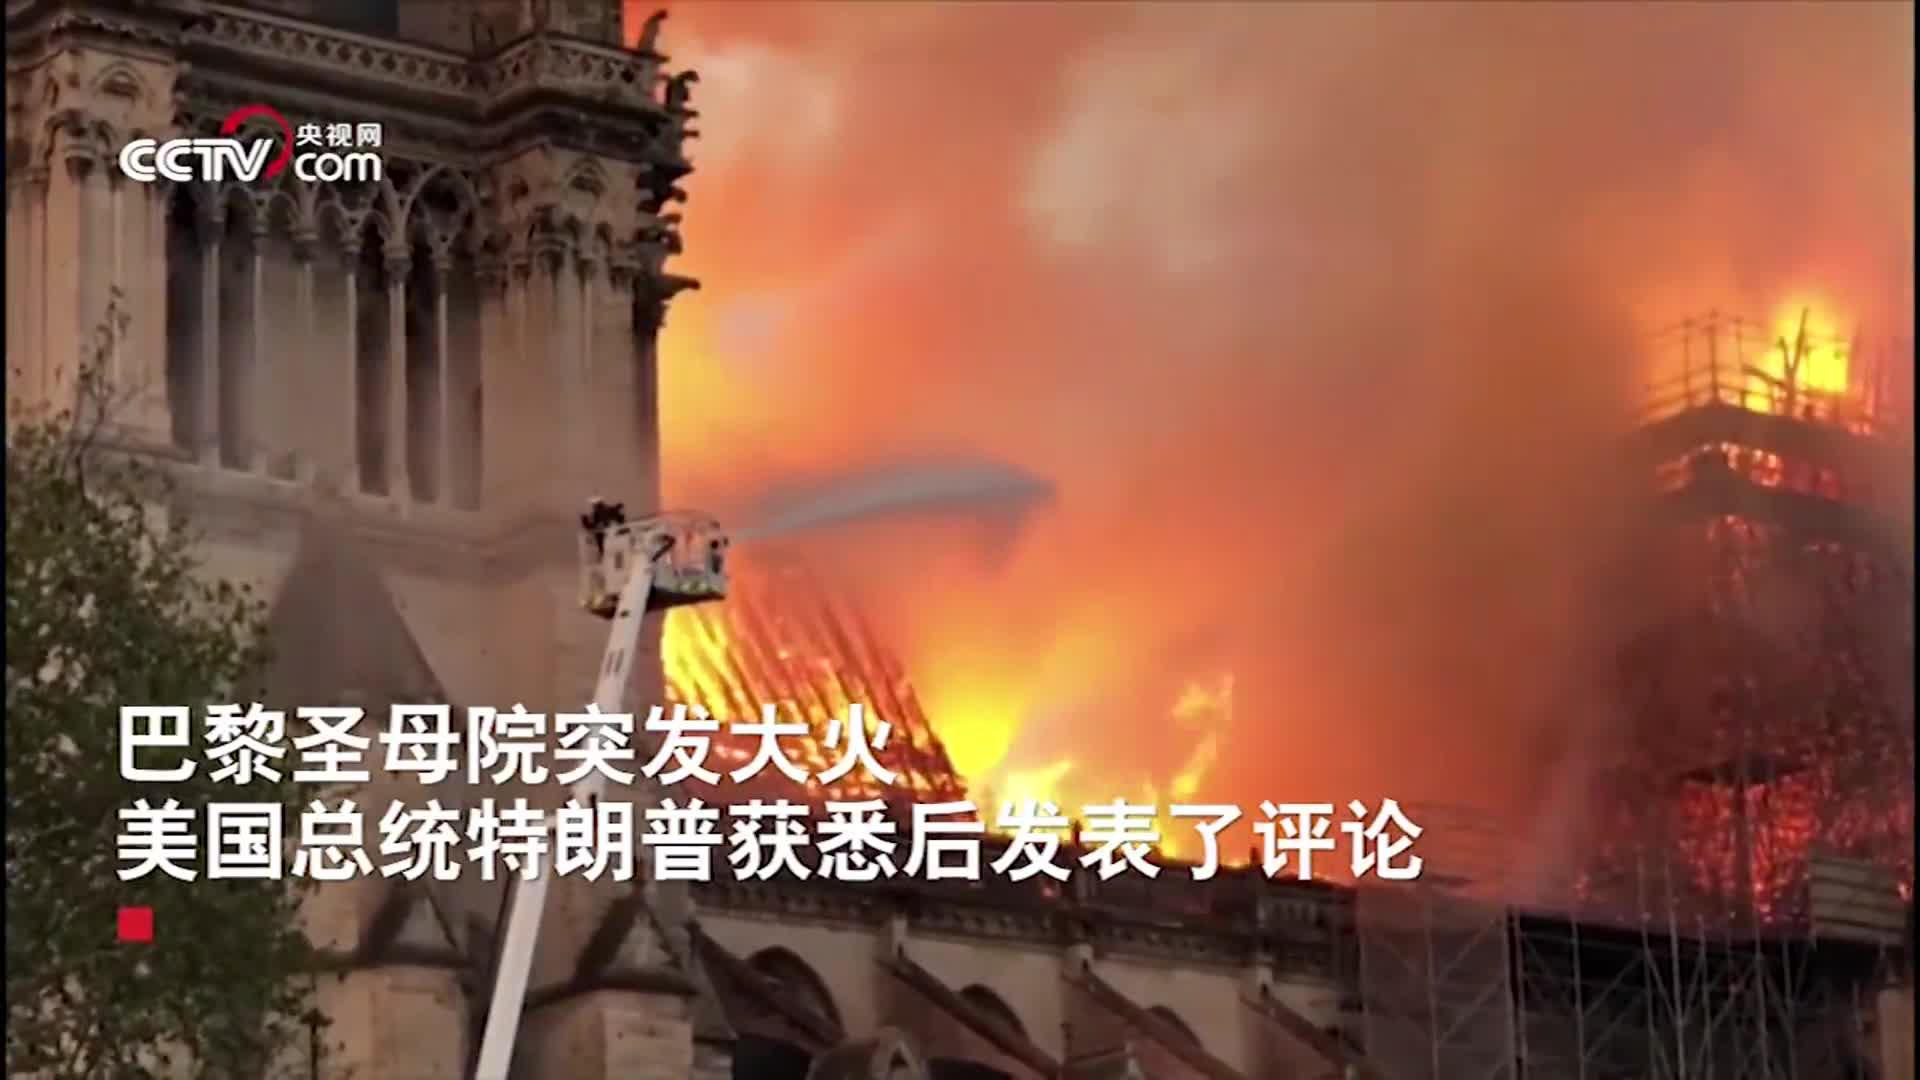 [视频]美国总统获悉巴黎圣母院遭遇火灾感慨:真是一幅恐怖的景象